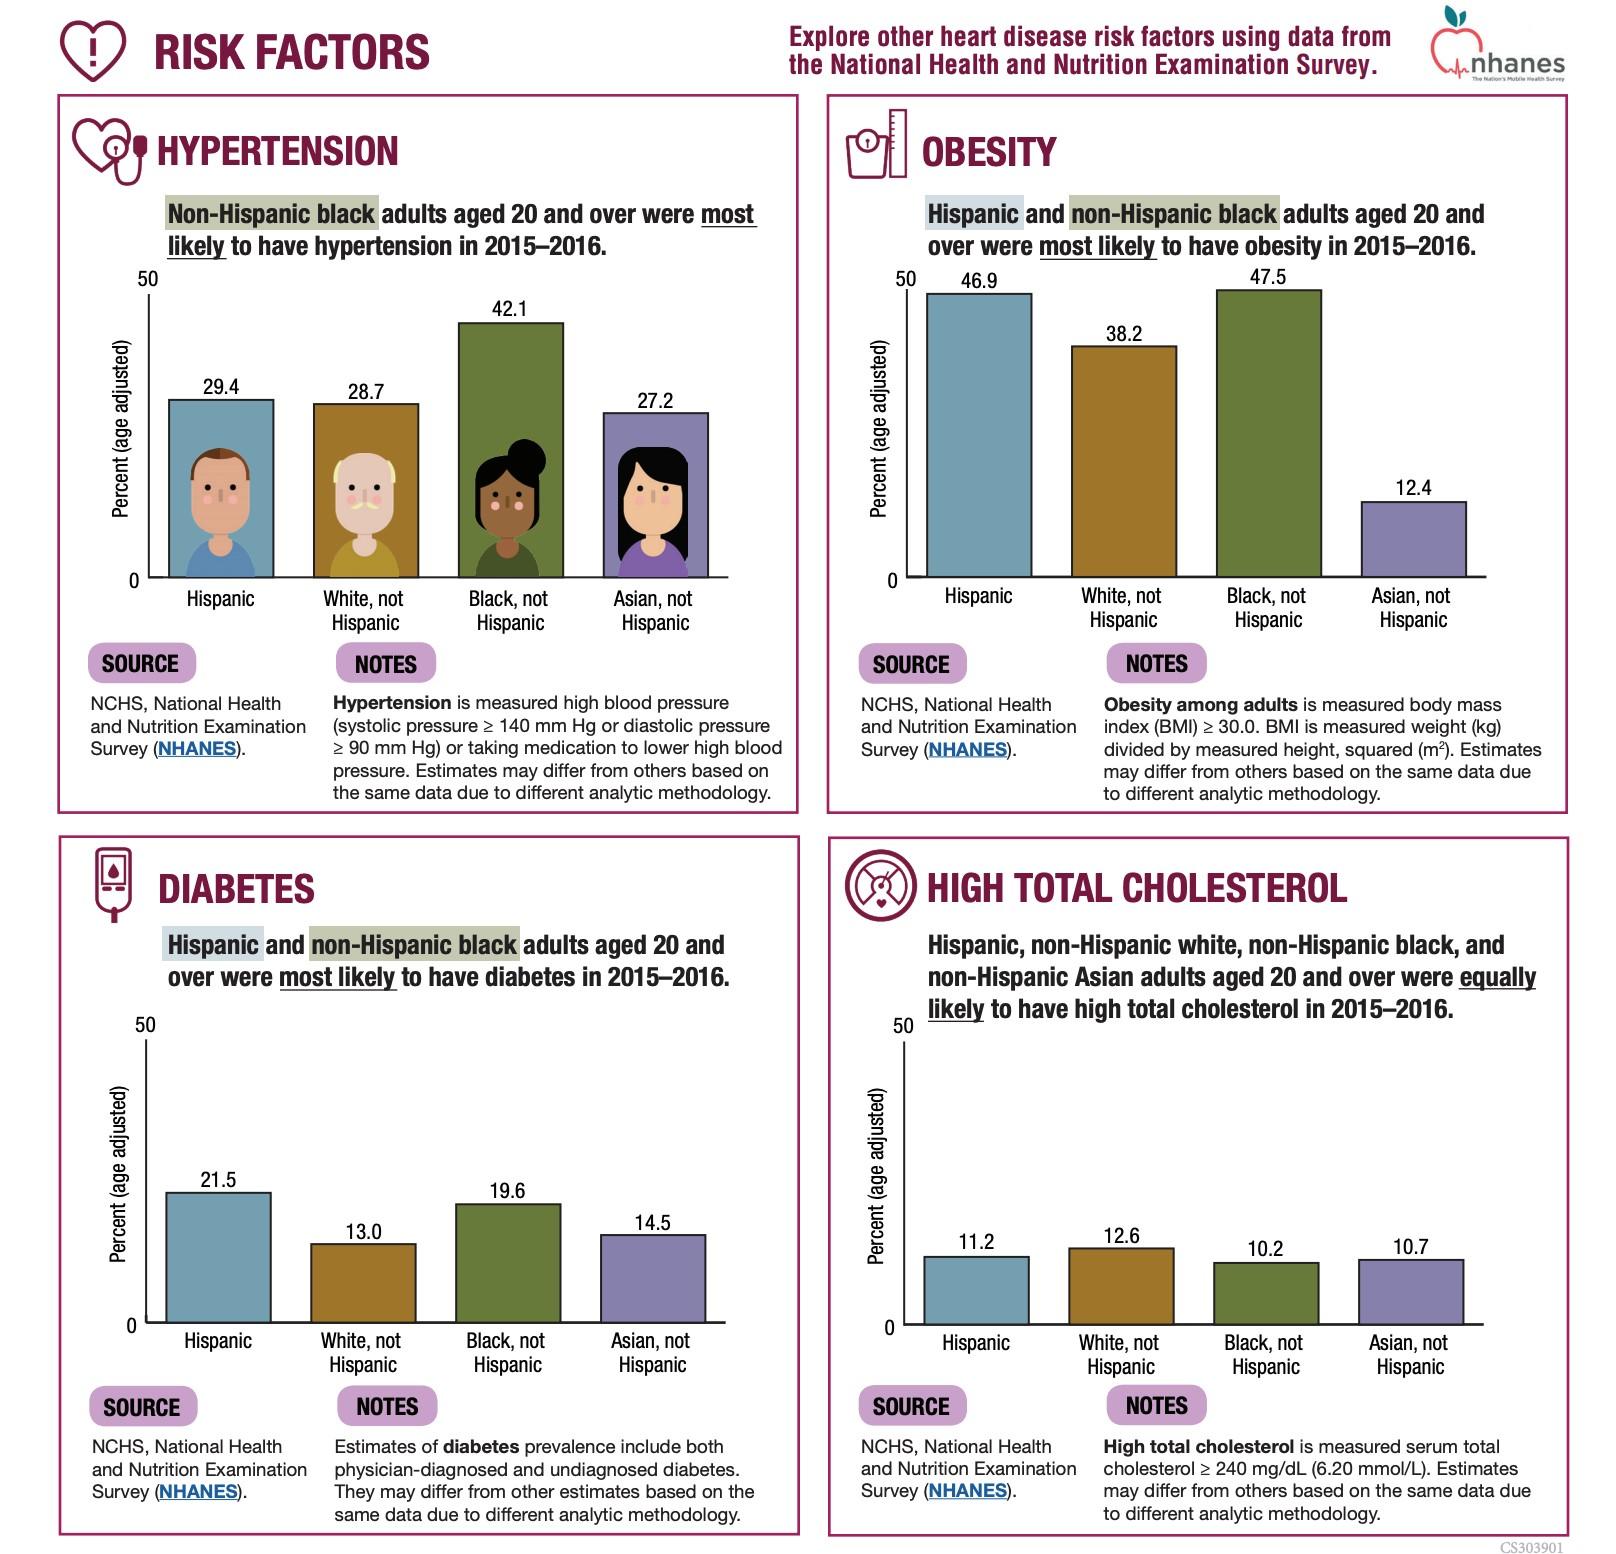 CDC的报告中关于各个族裔罹患高血压、肥胖症、糖尿病、高胆固醇等慢性病风险的部分